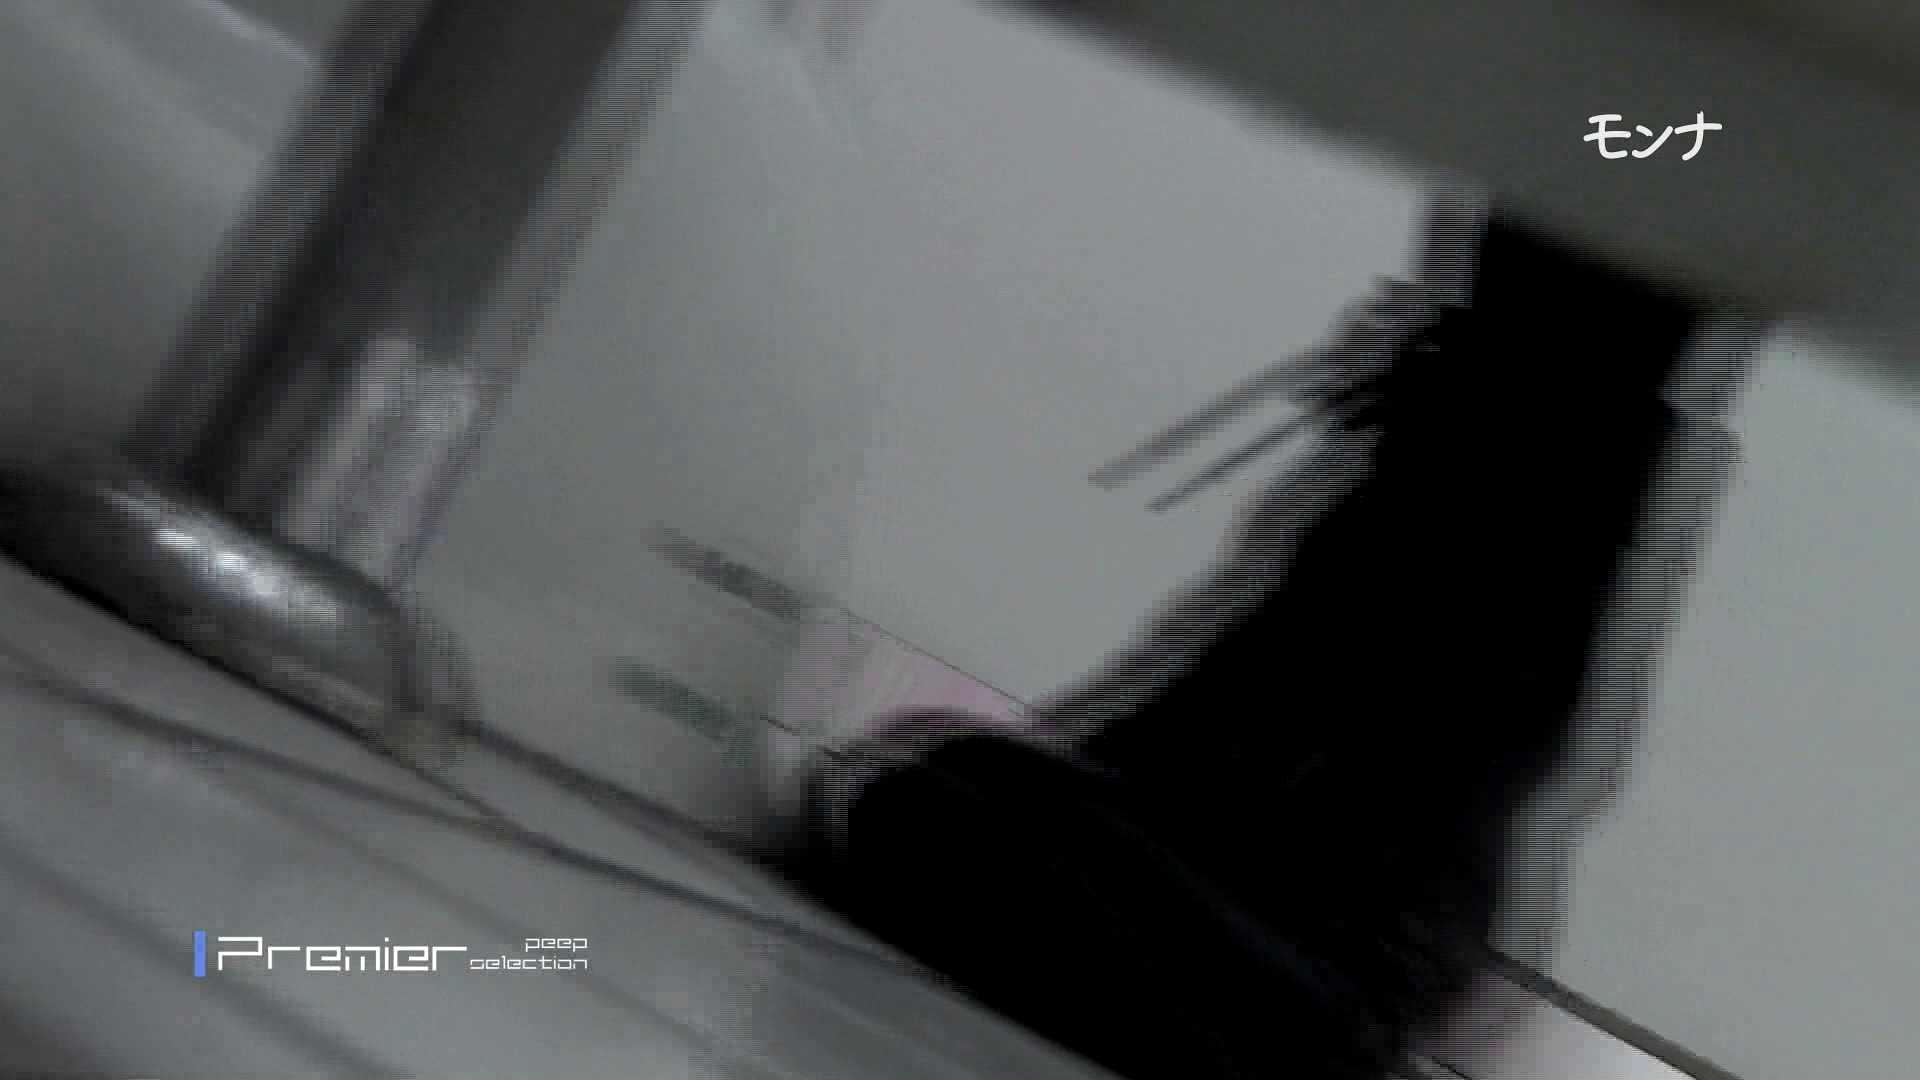 新学期!!下半身中心に攻めてます美小女可愛い女の悪戯盗撮トイレ 0 | 特撮トイレ  102画像 74